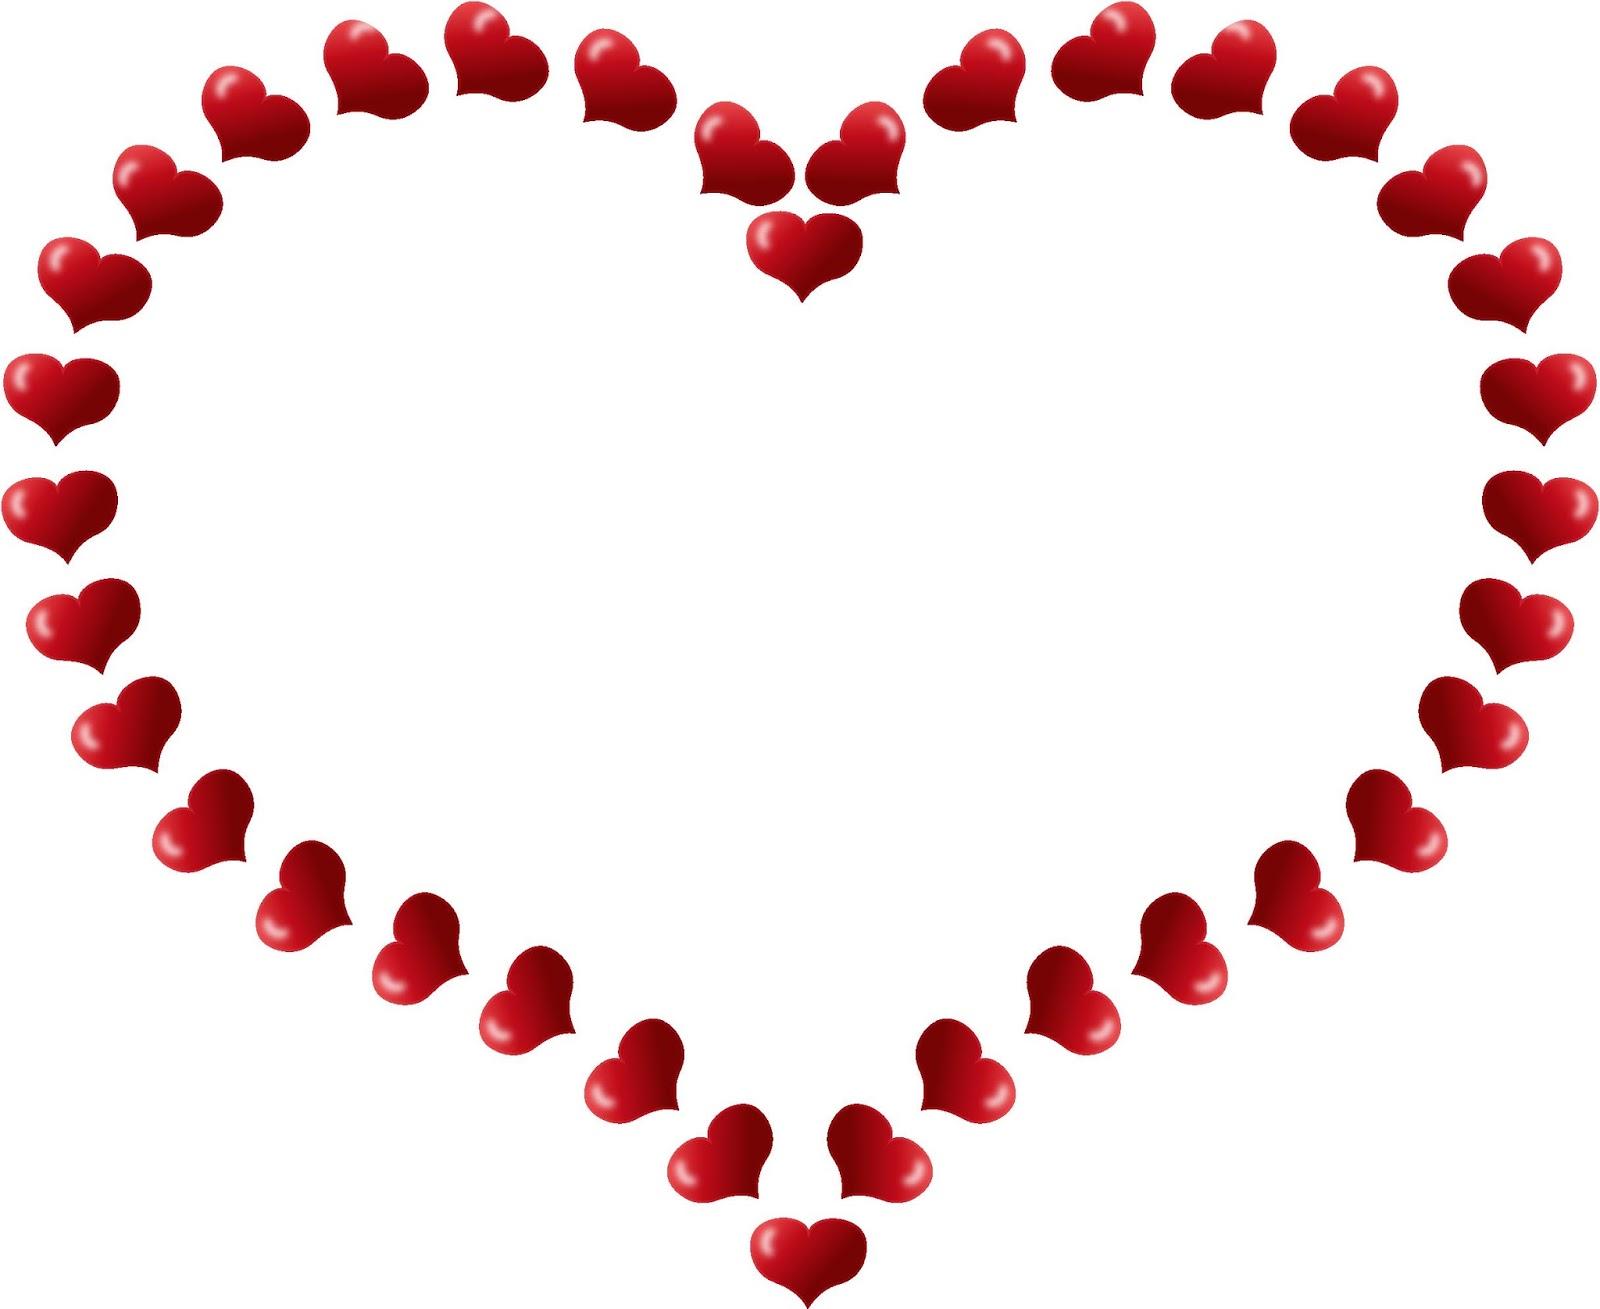 بالصور صور قلب , رمزيات حب وغرام 1199 2